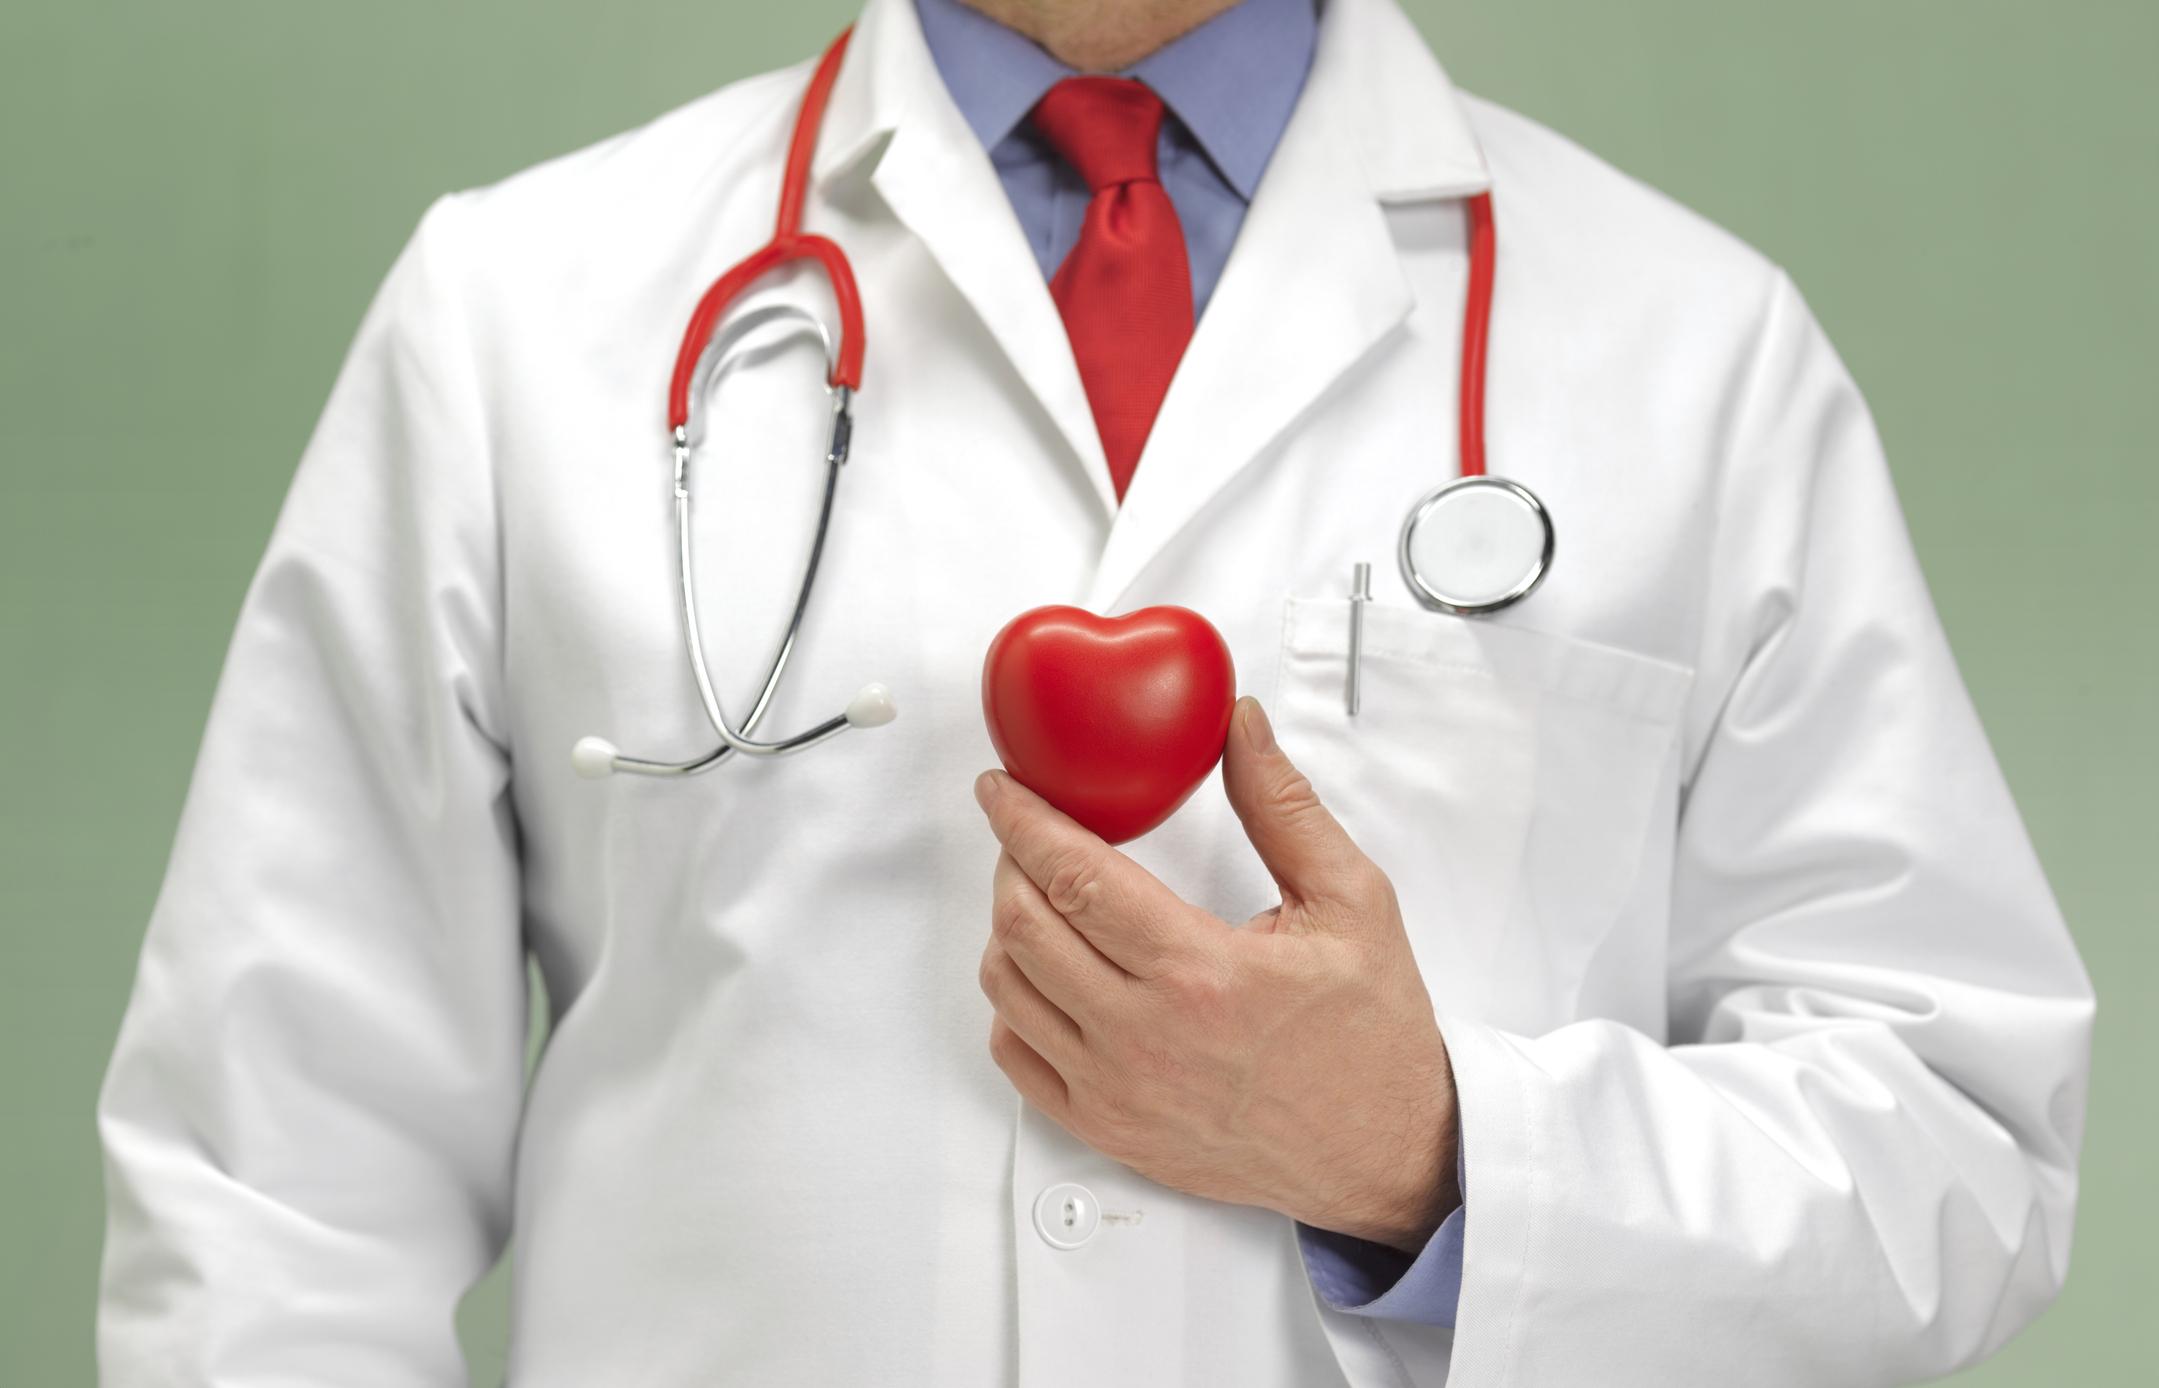 fut a szív és a magas vérnyomás miatt)